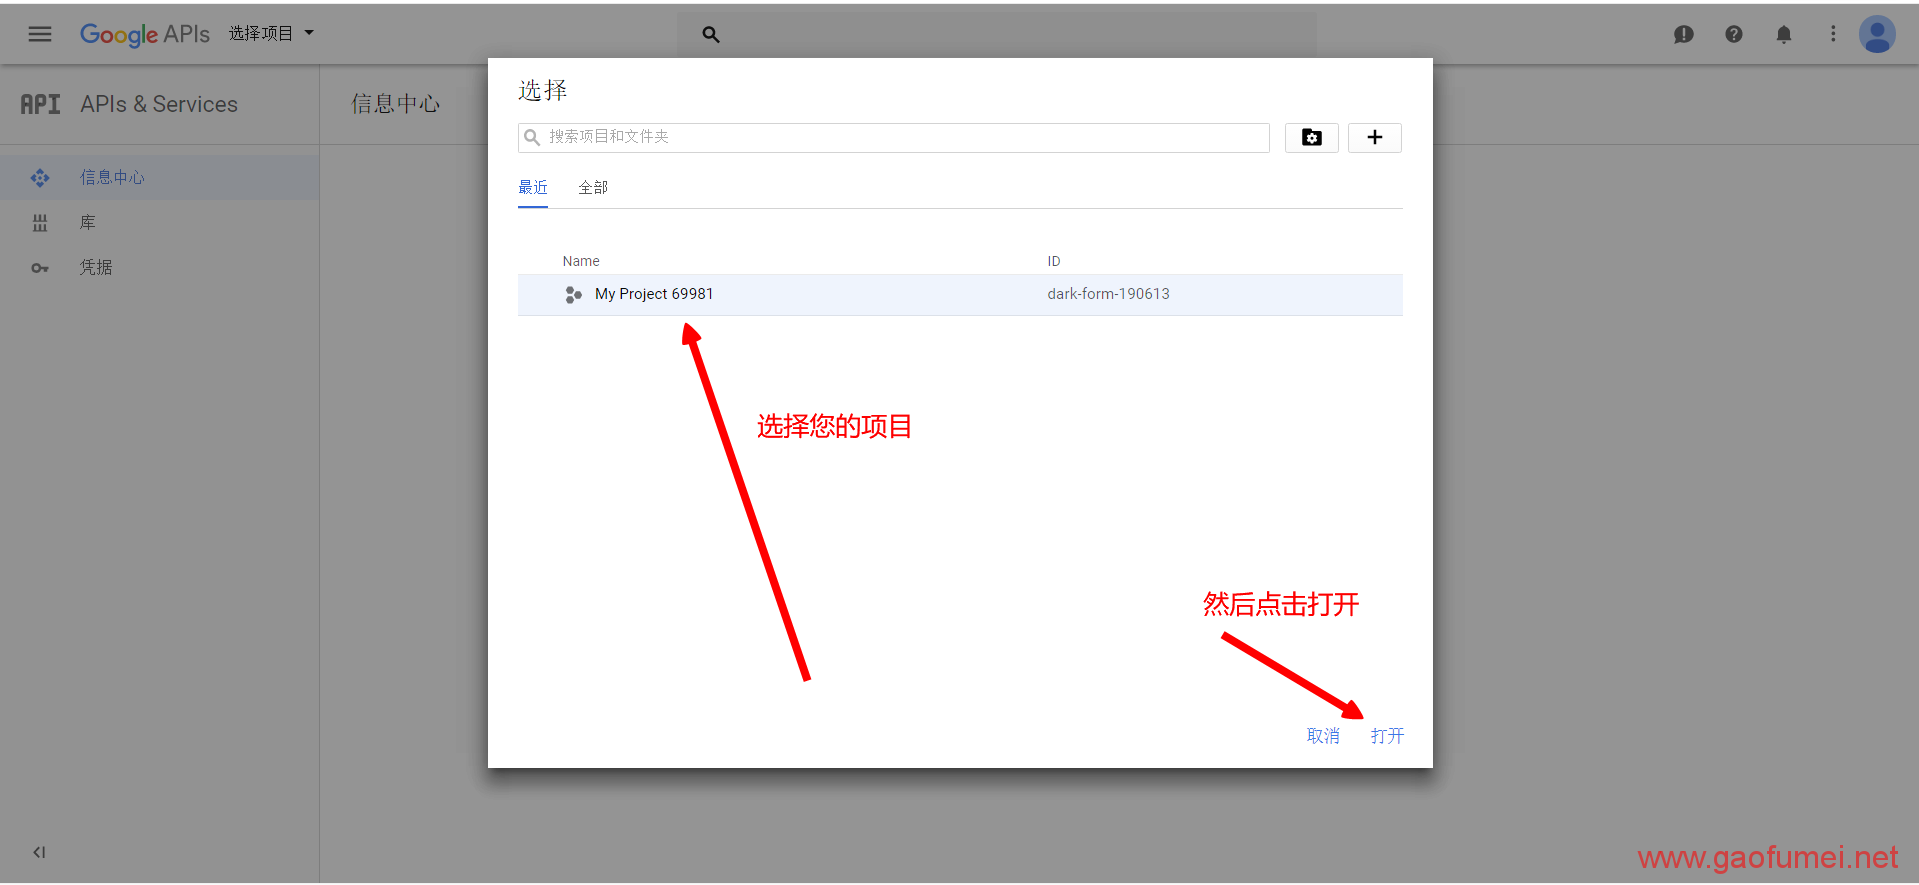 低成本搭建私人Youtube镜像,国外PHP虚拟搭建油管镜像攻略! 网络问题 第5张-泥人传说